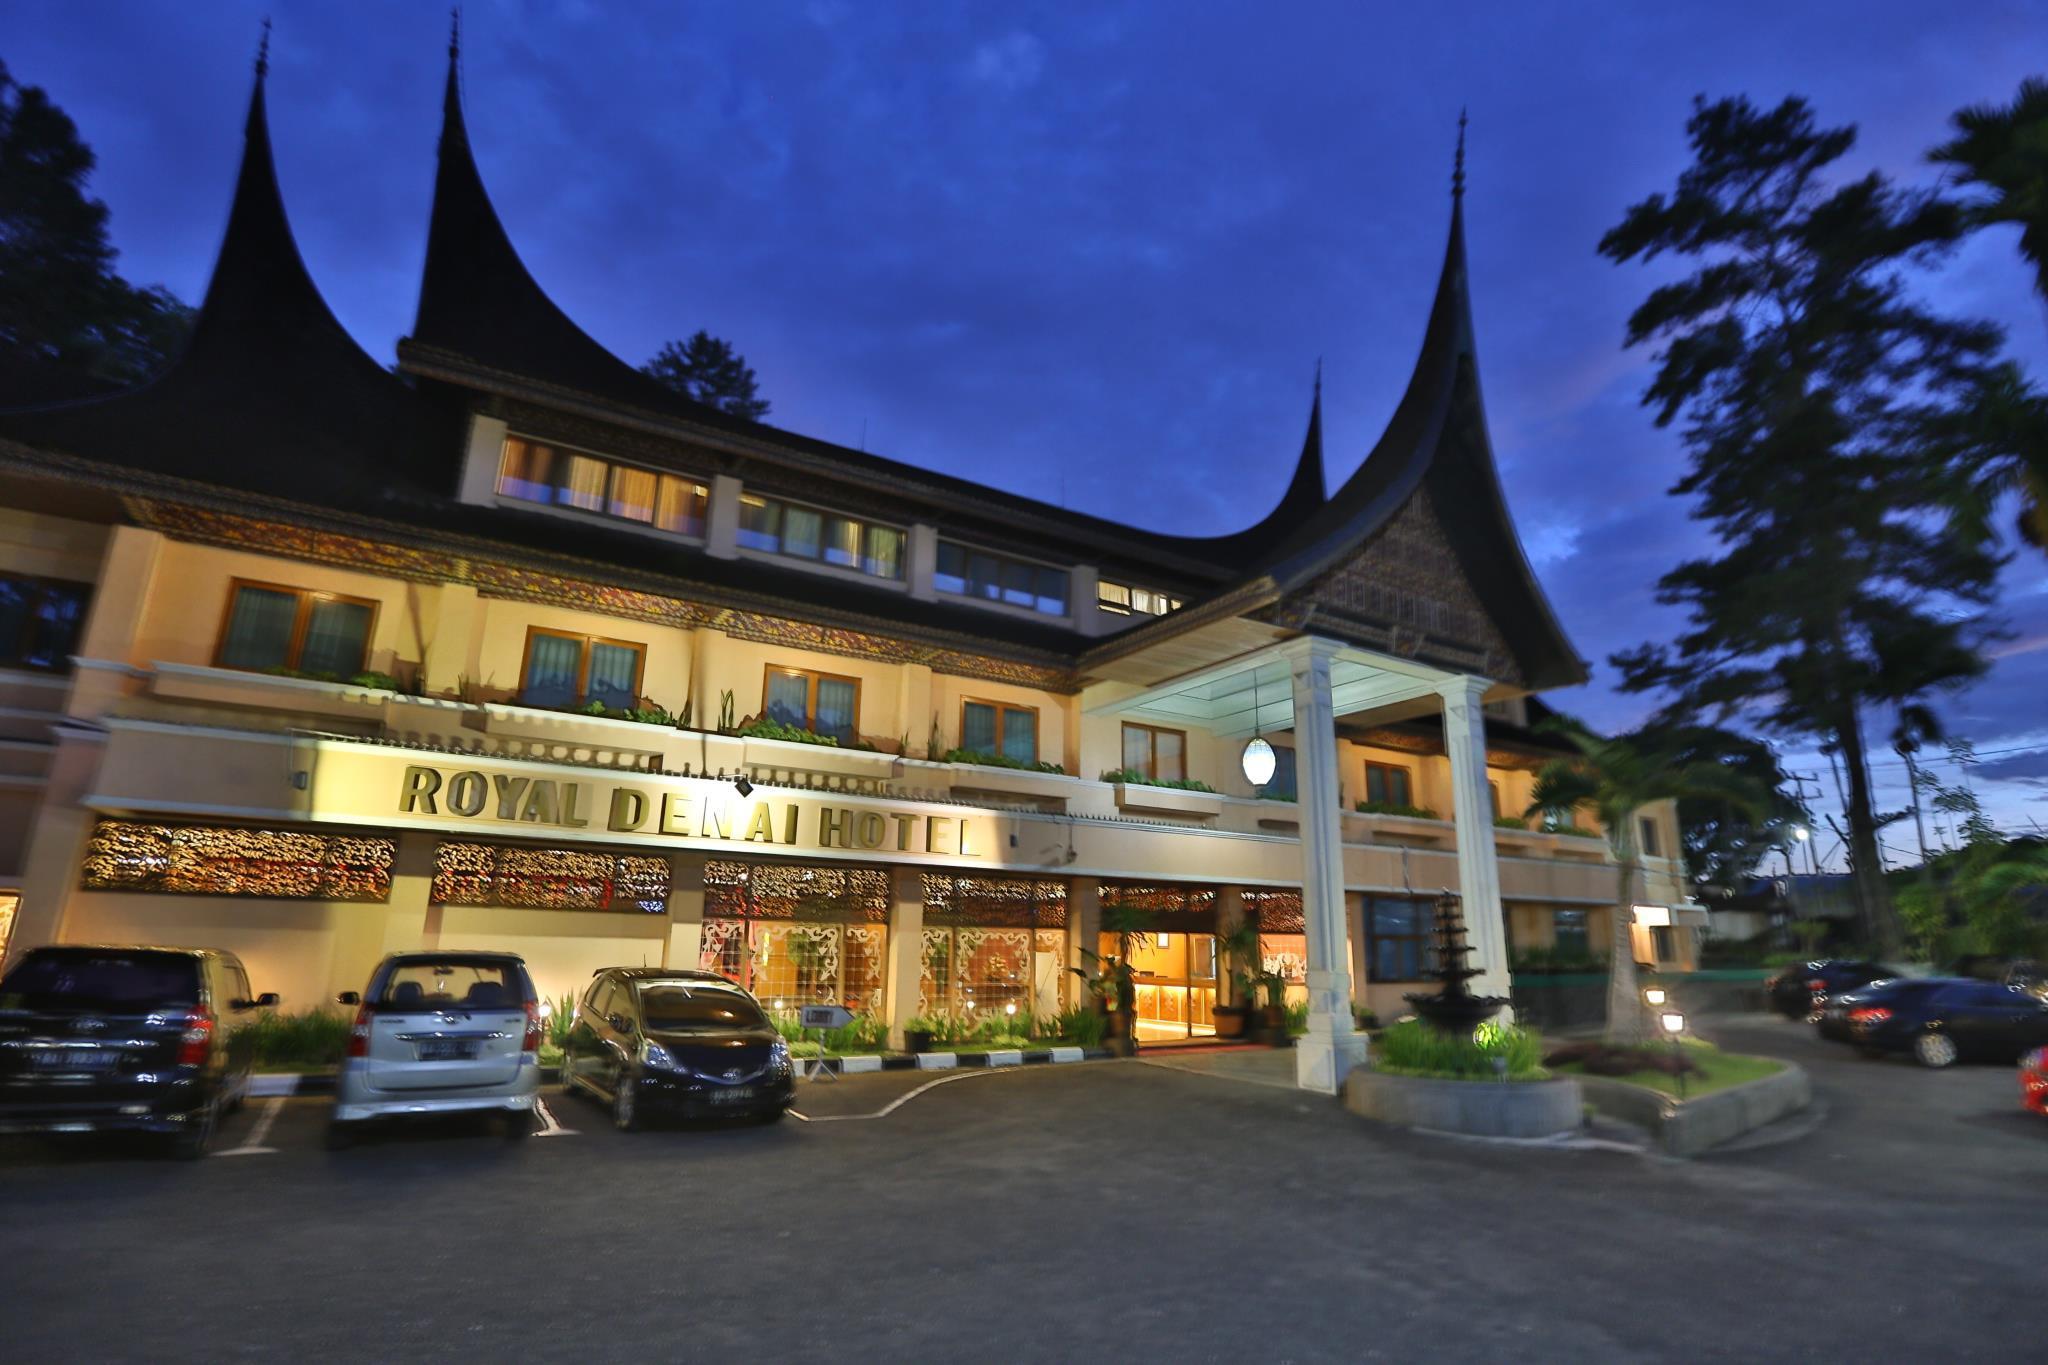 Royal Denai Hotel Bukittinggi 3 Star Hotel In Bukittinggi Indonesia